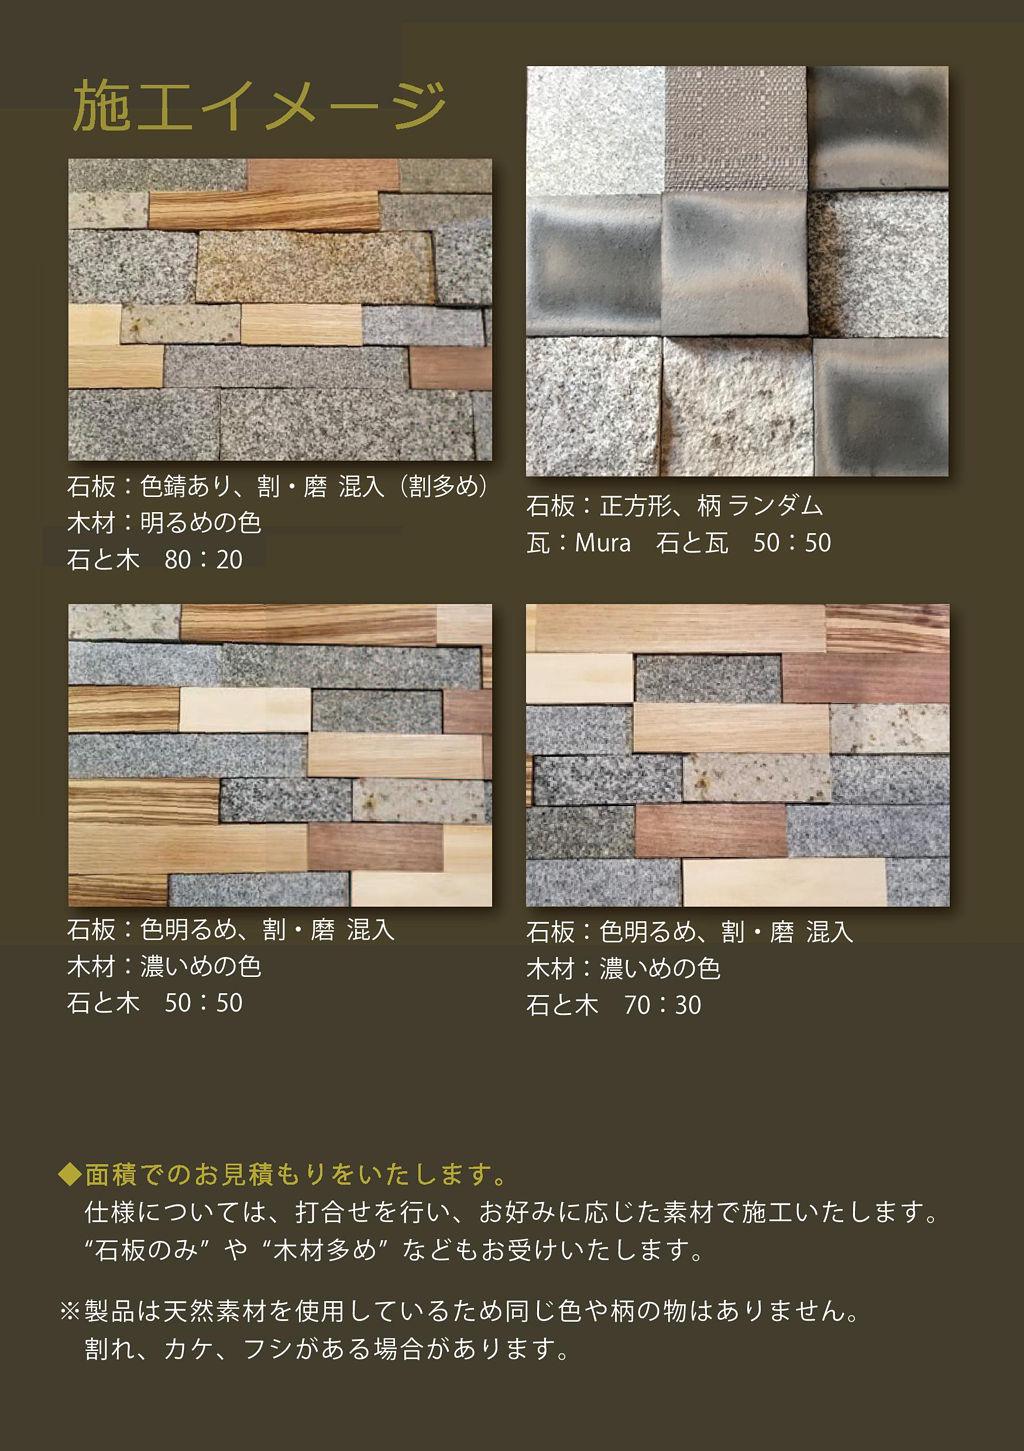 石板 木片 瓦の組壁 アイスティ AISTIパンフレット 3/4